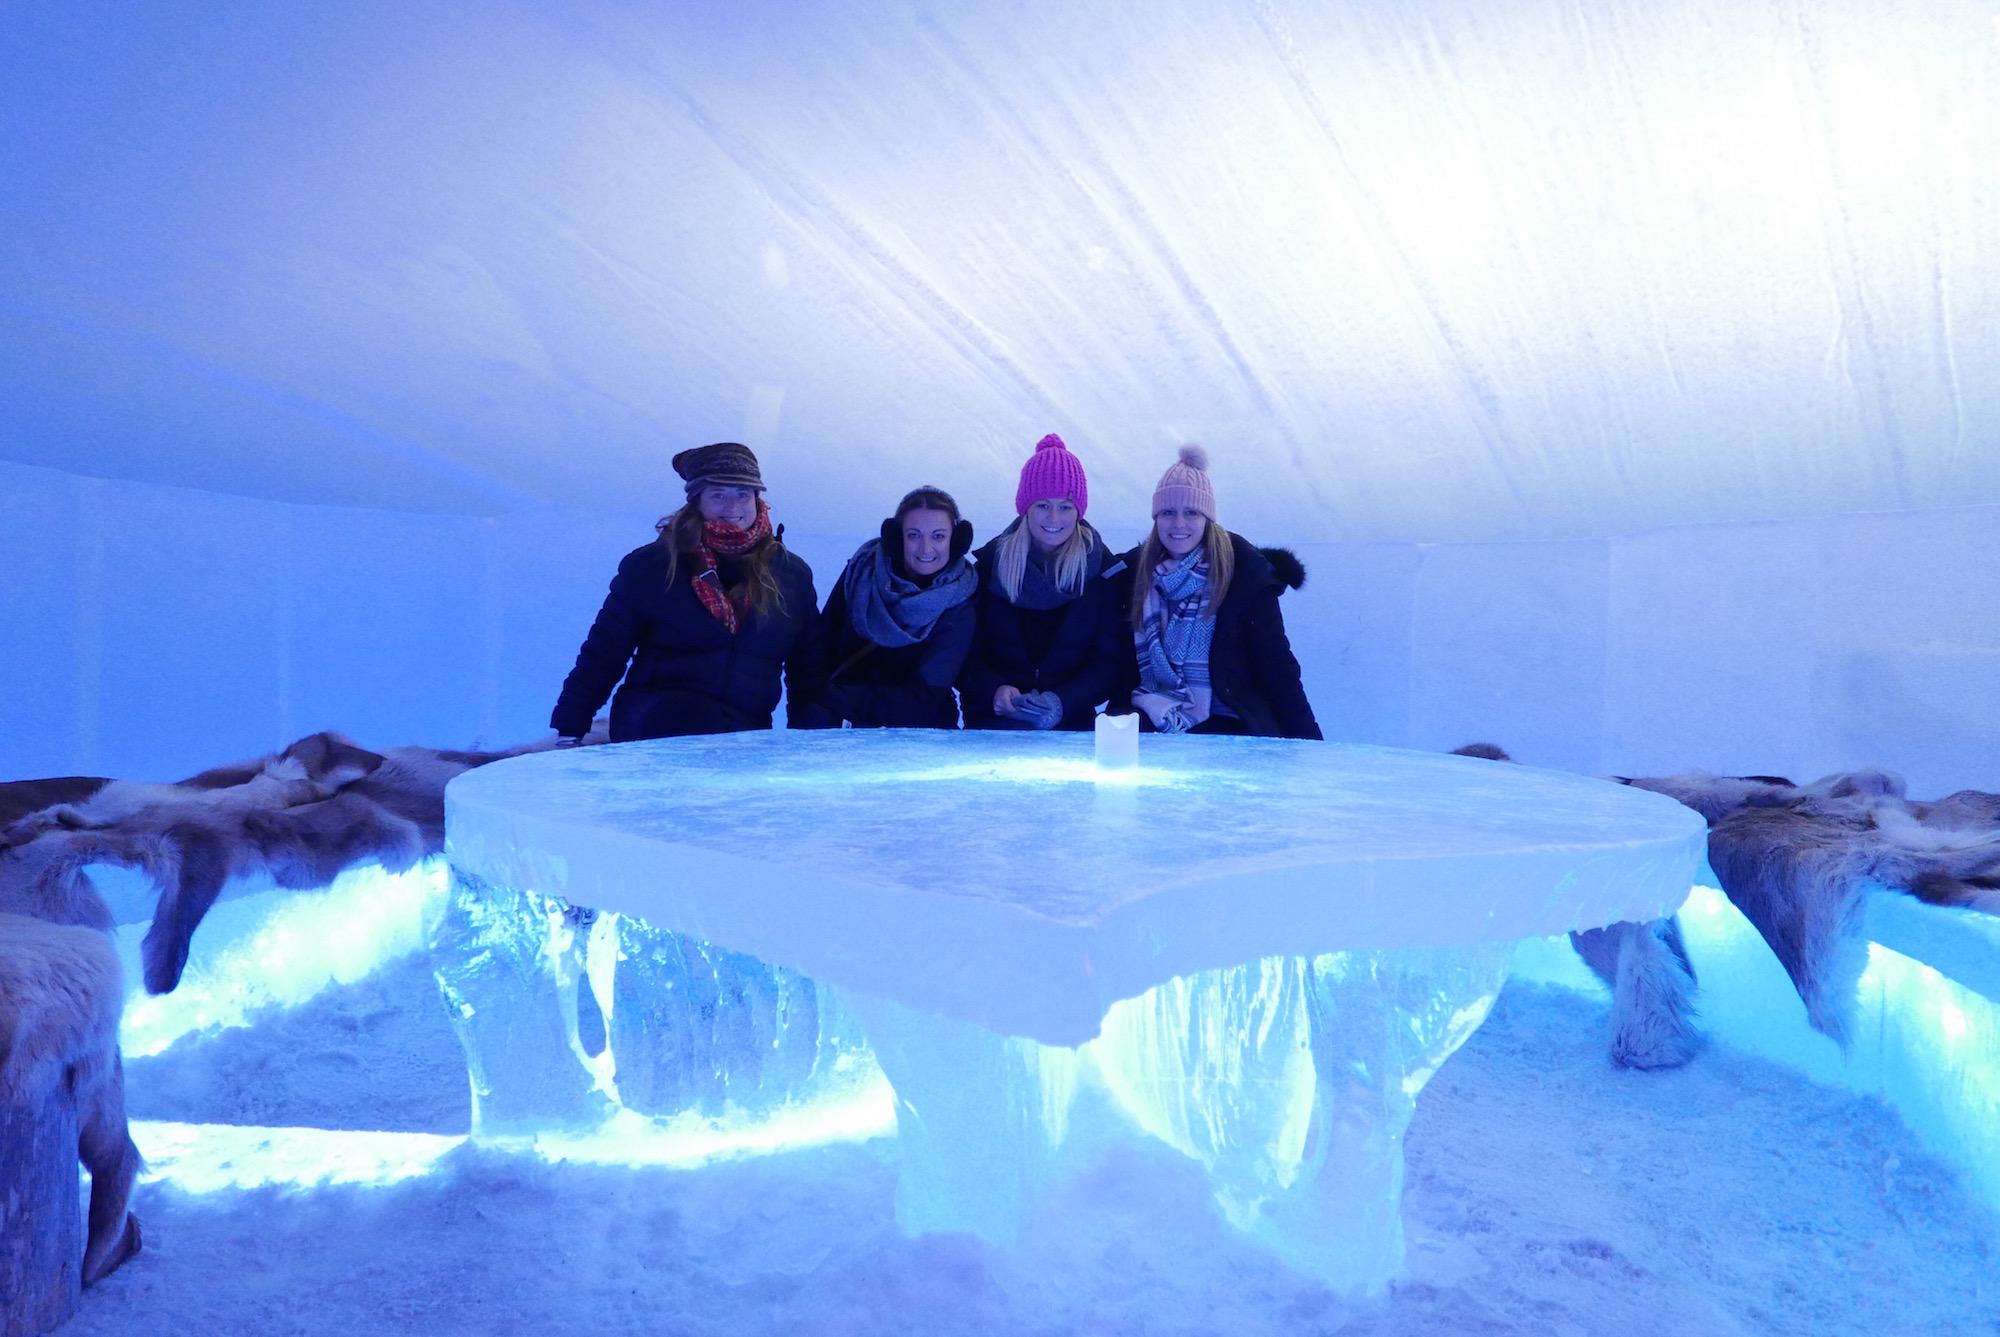 arctic-snow-hotel-lapland-finland-1